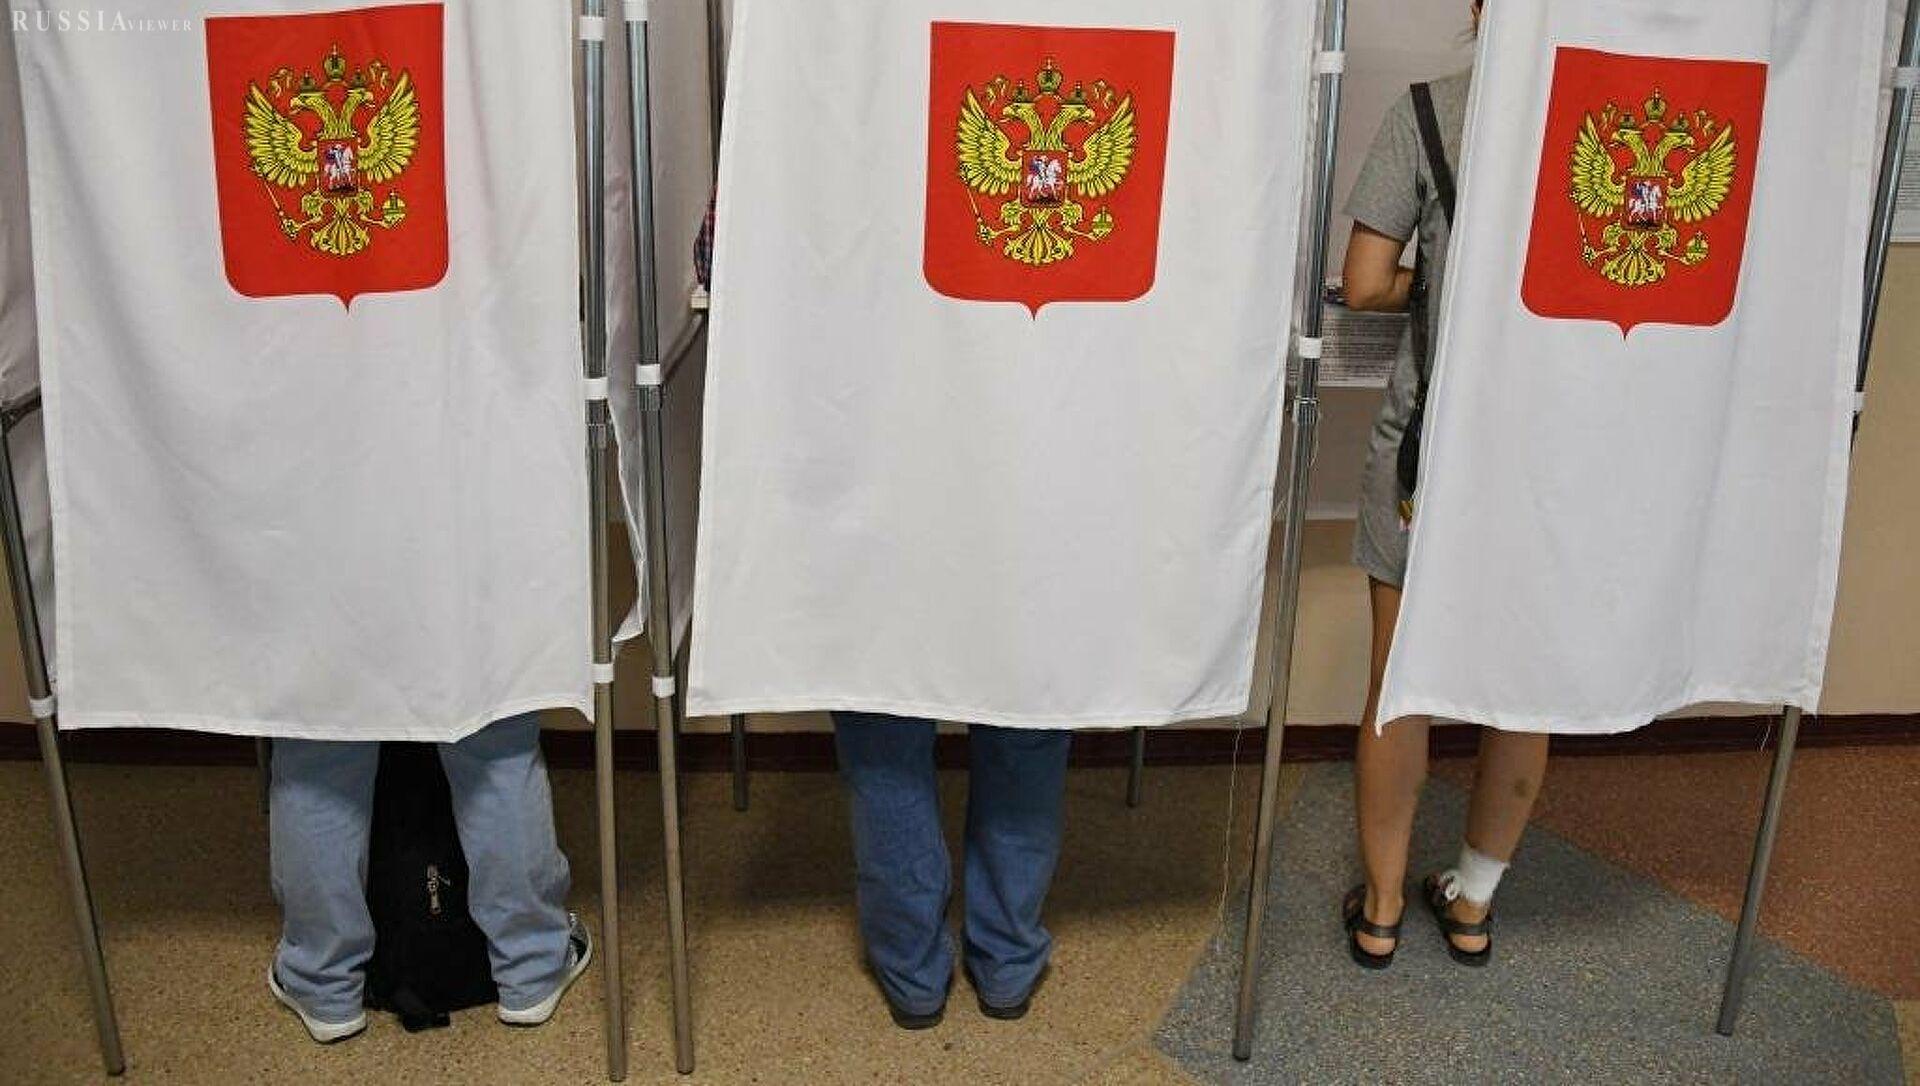 انتخابات مجلس دوما در روسیه